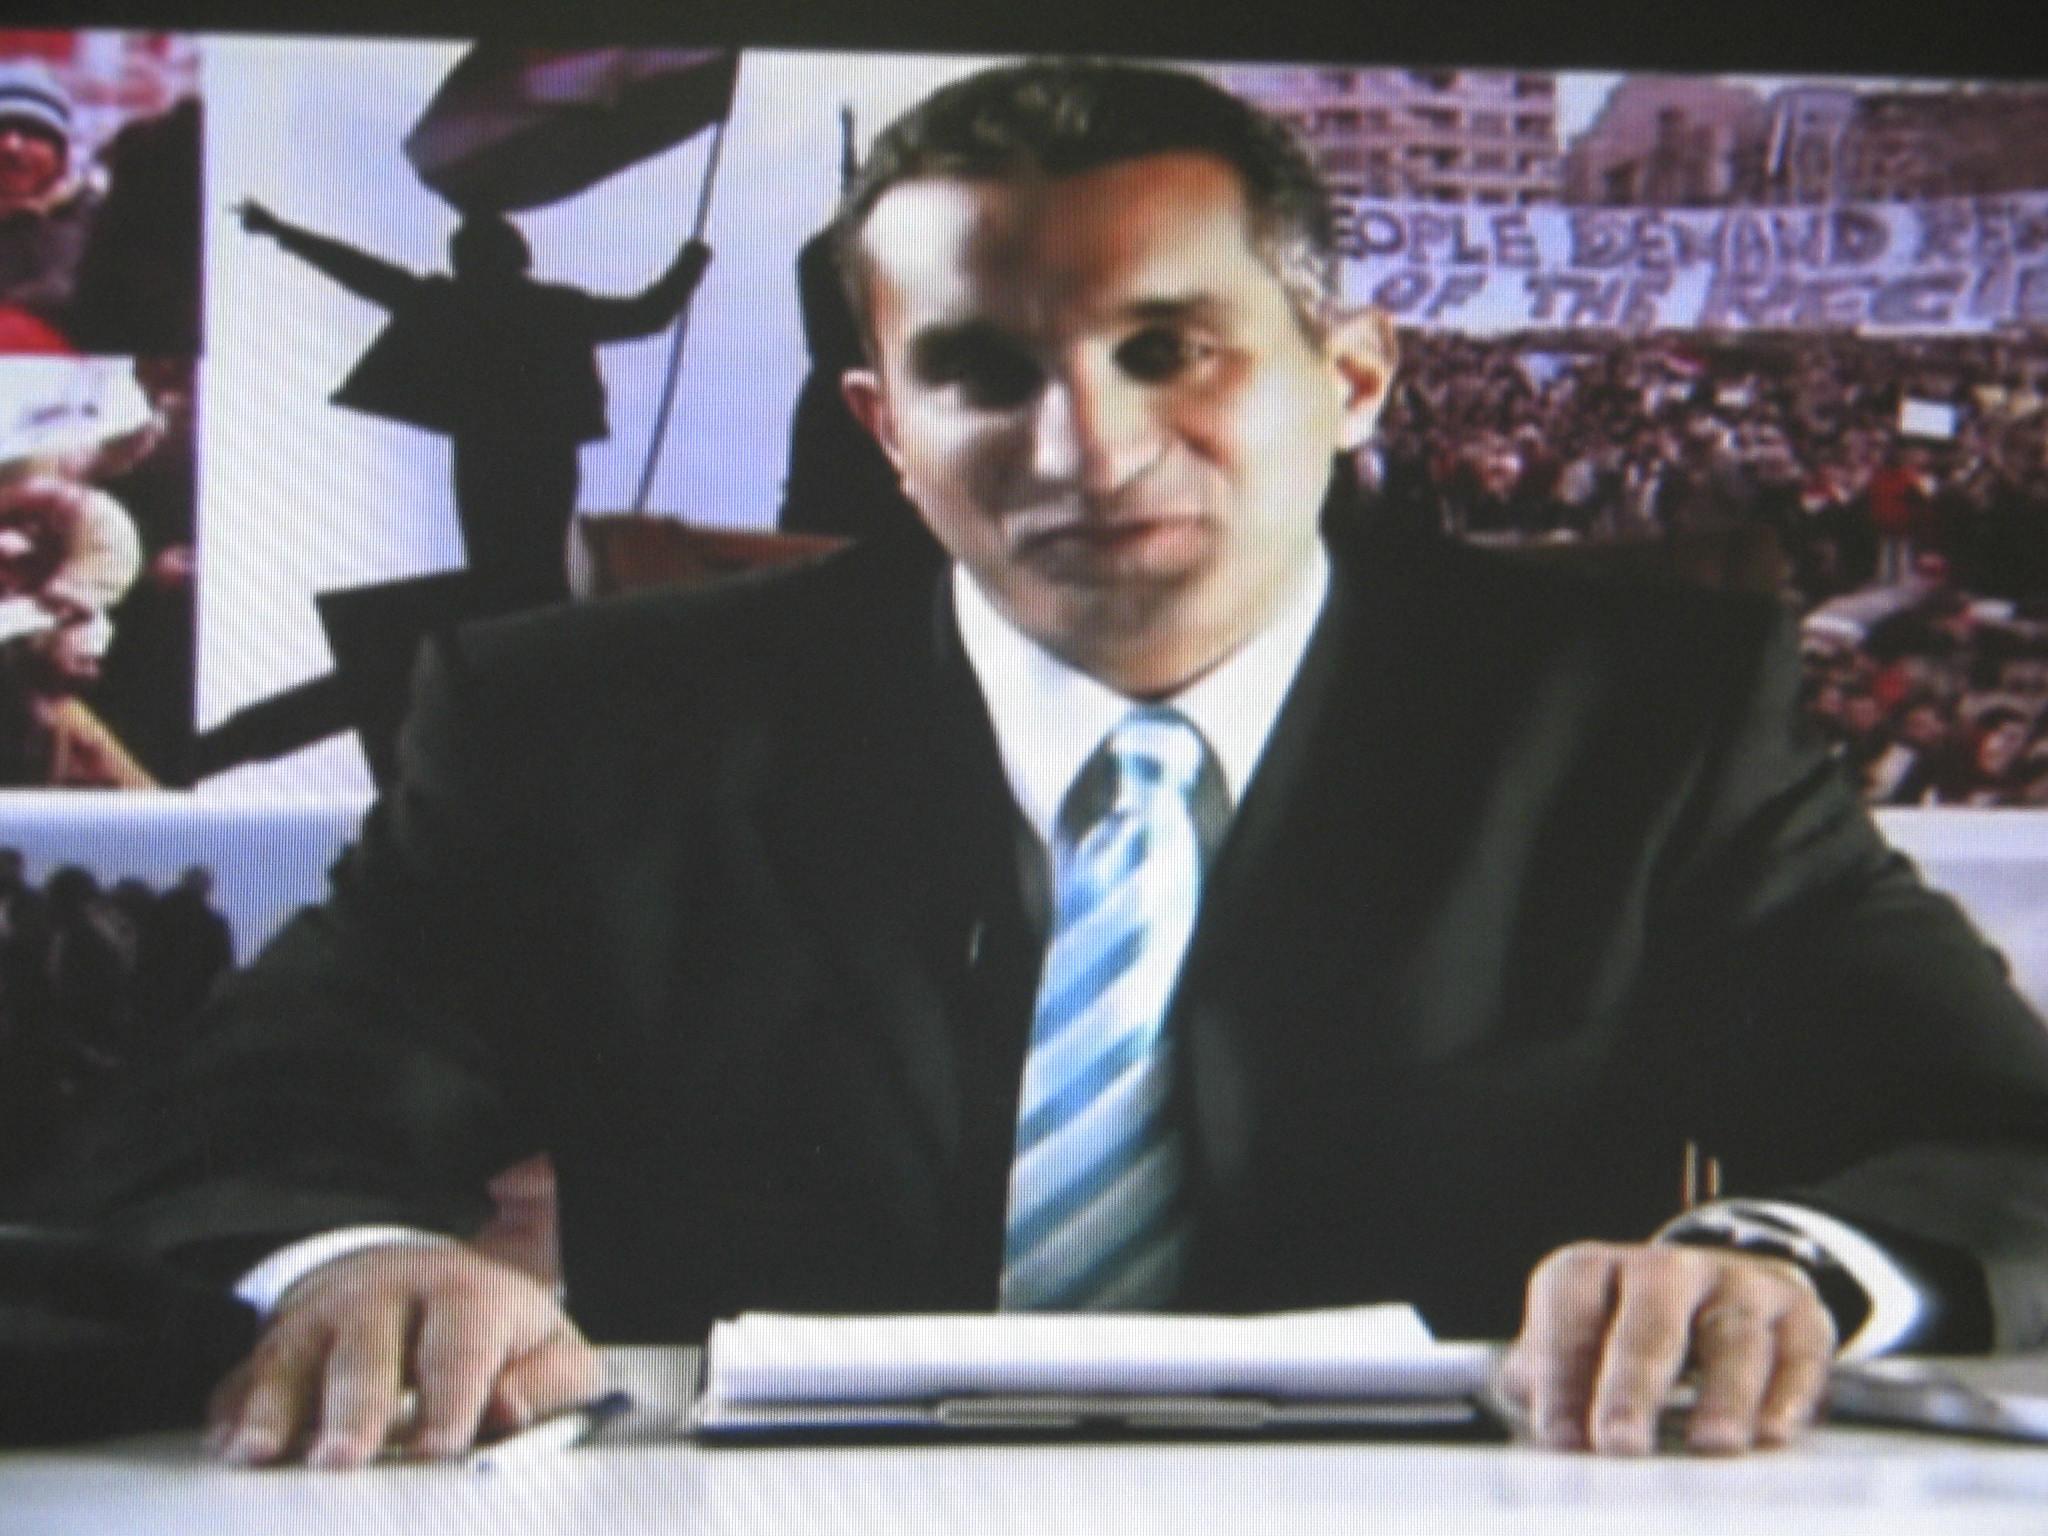 Suspenden el programa de un famoso humorista egipcio tras bromear sobre el Ejército